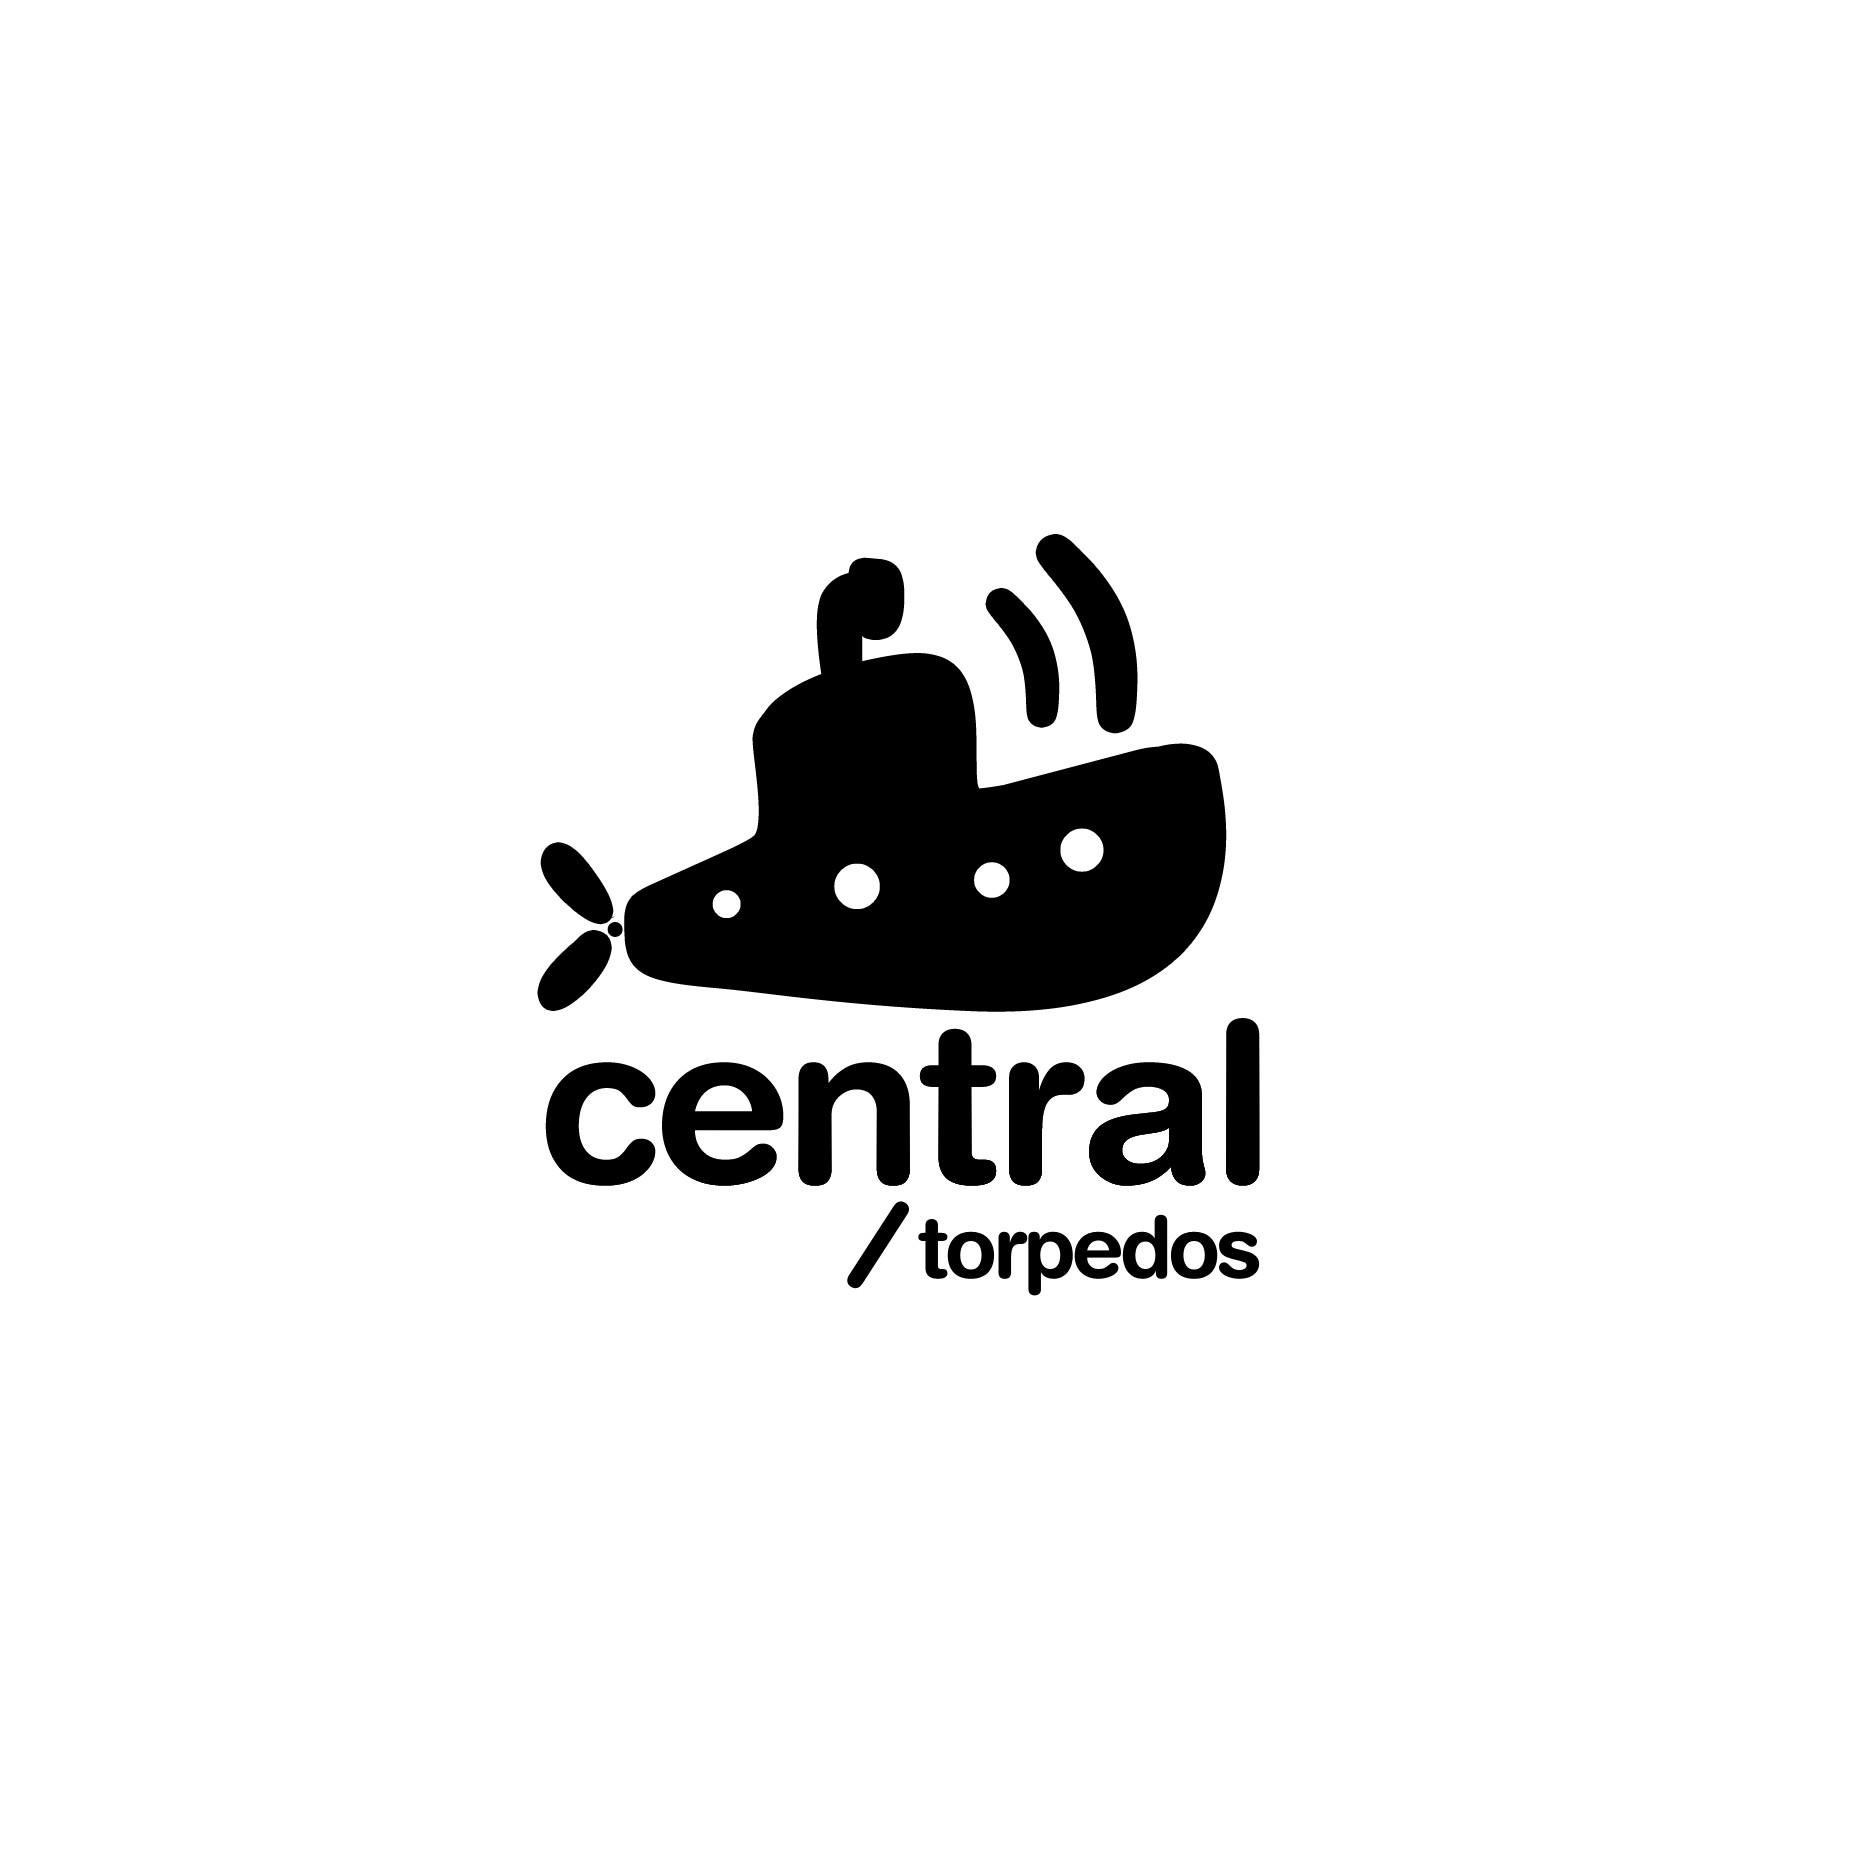 Central Torpedos.